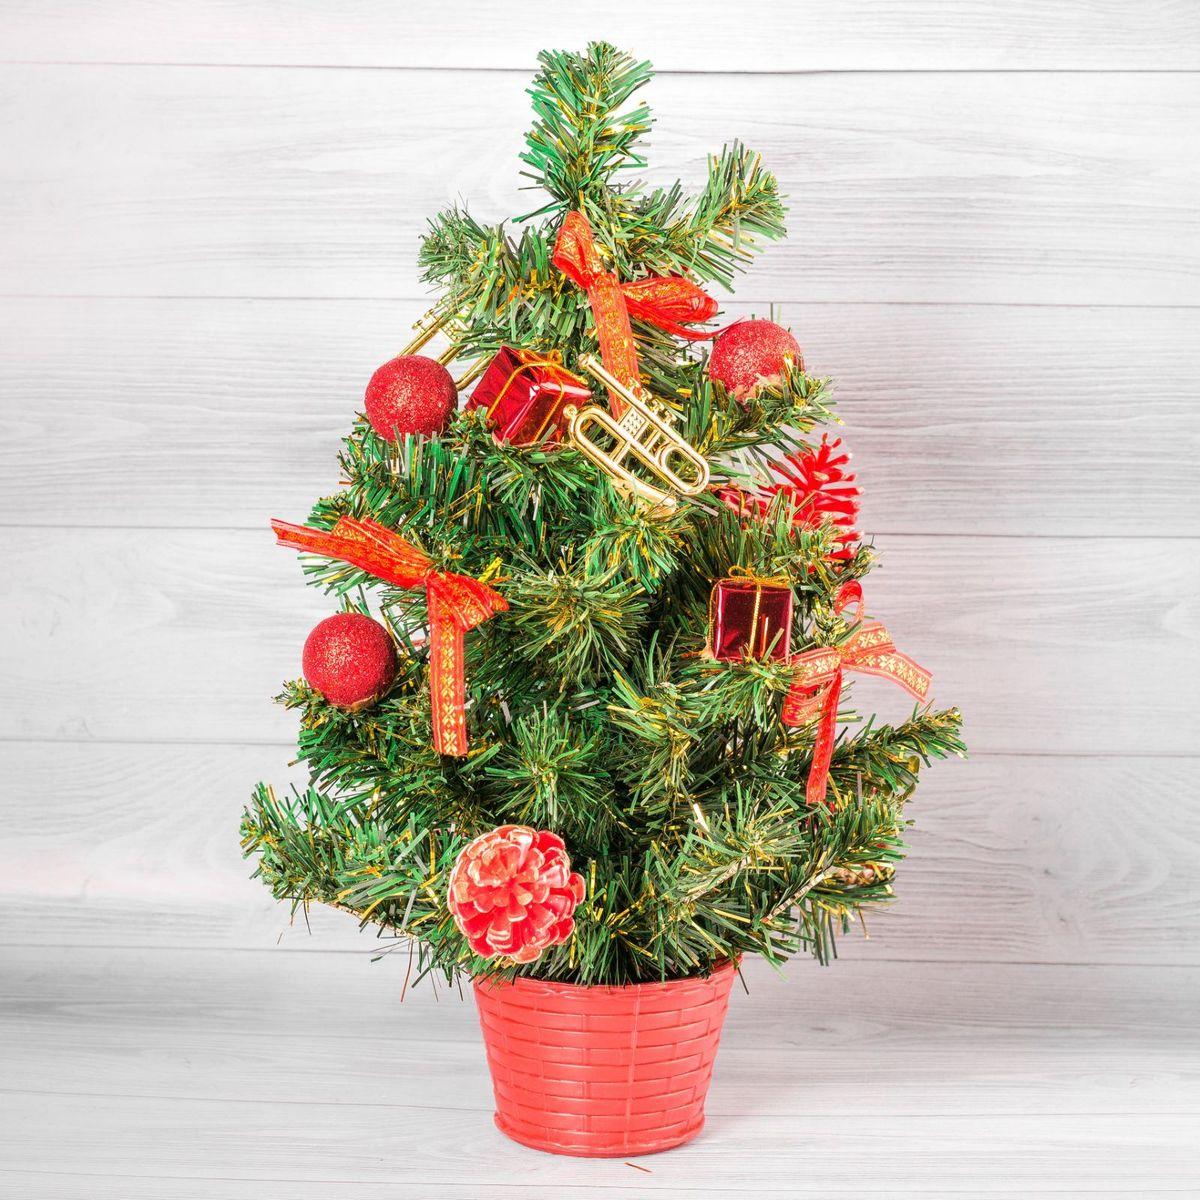 Елка настольная Денежного года, цвет: красный, 50 см2476546Невозможно представить нашу жизнь без праздников! Мы всегда ждем их и предвкушаем, обдумываем, как проведем памятный день, тщательно выбираем подарки и аксессуары, ведь именно они создают и поддерживают торжественный настрой. — это отличный выбор, который привнесет атмосферу праздника в ваш дом!